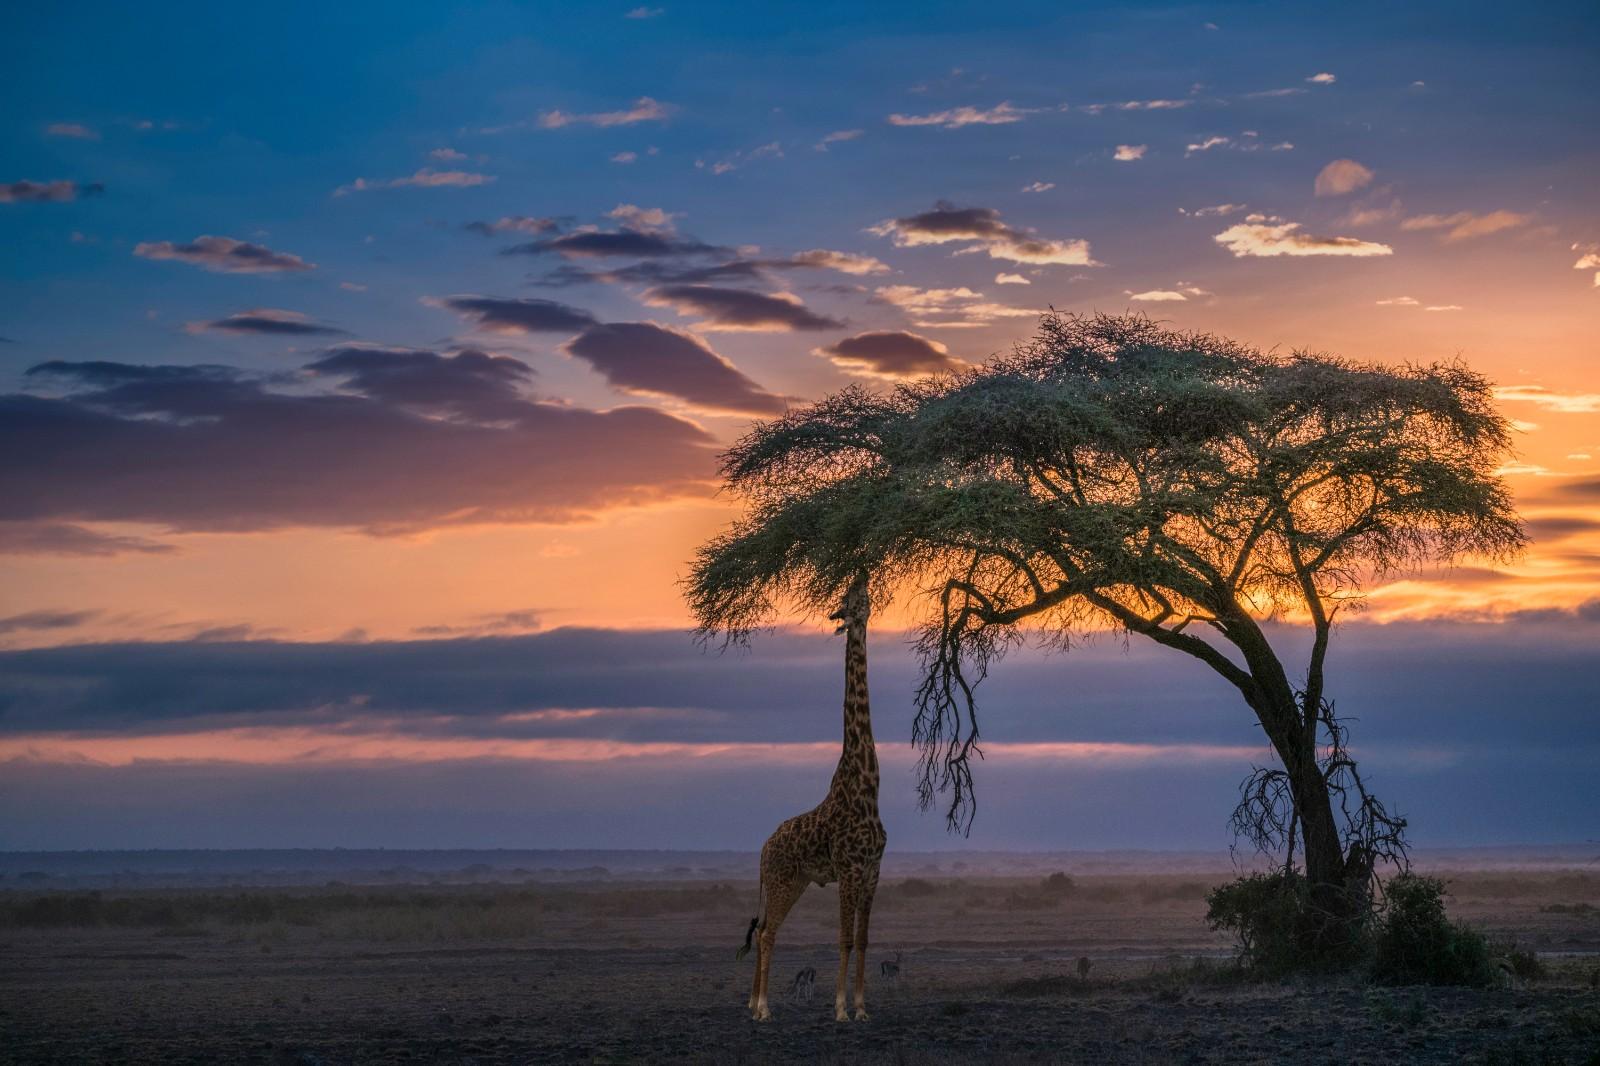 《晚霞里的长颈鹿》.jpg